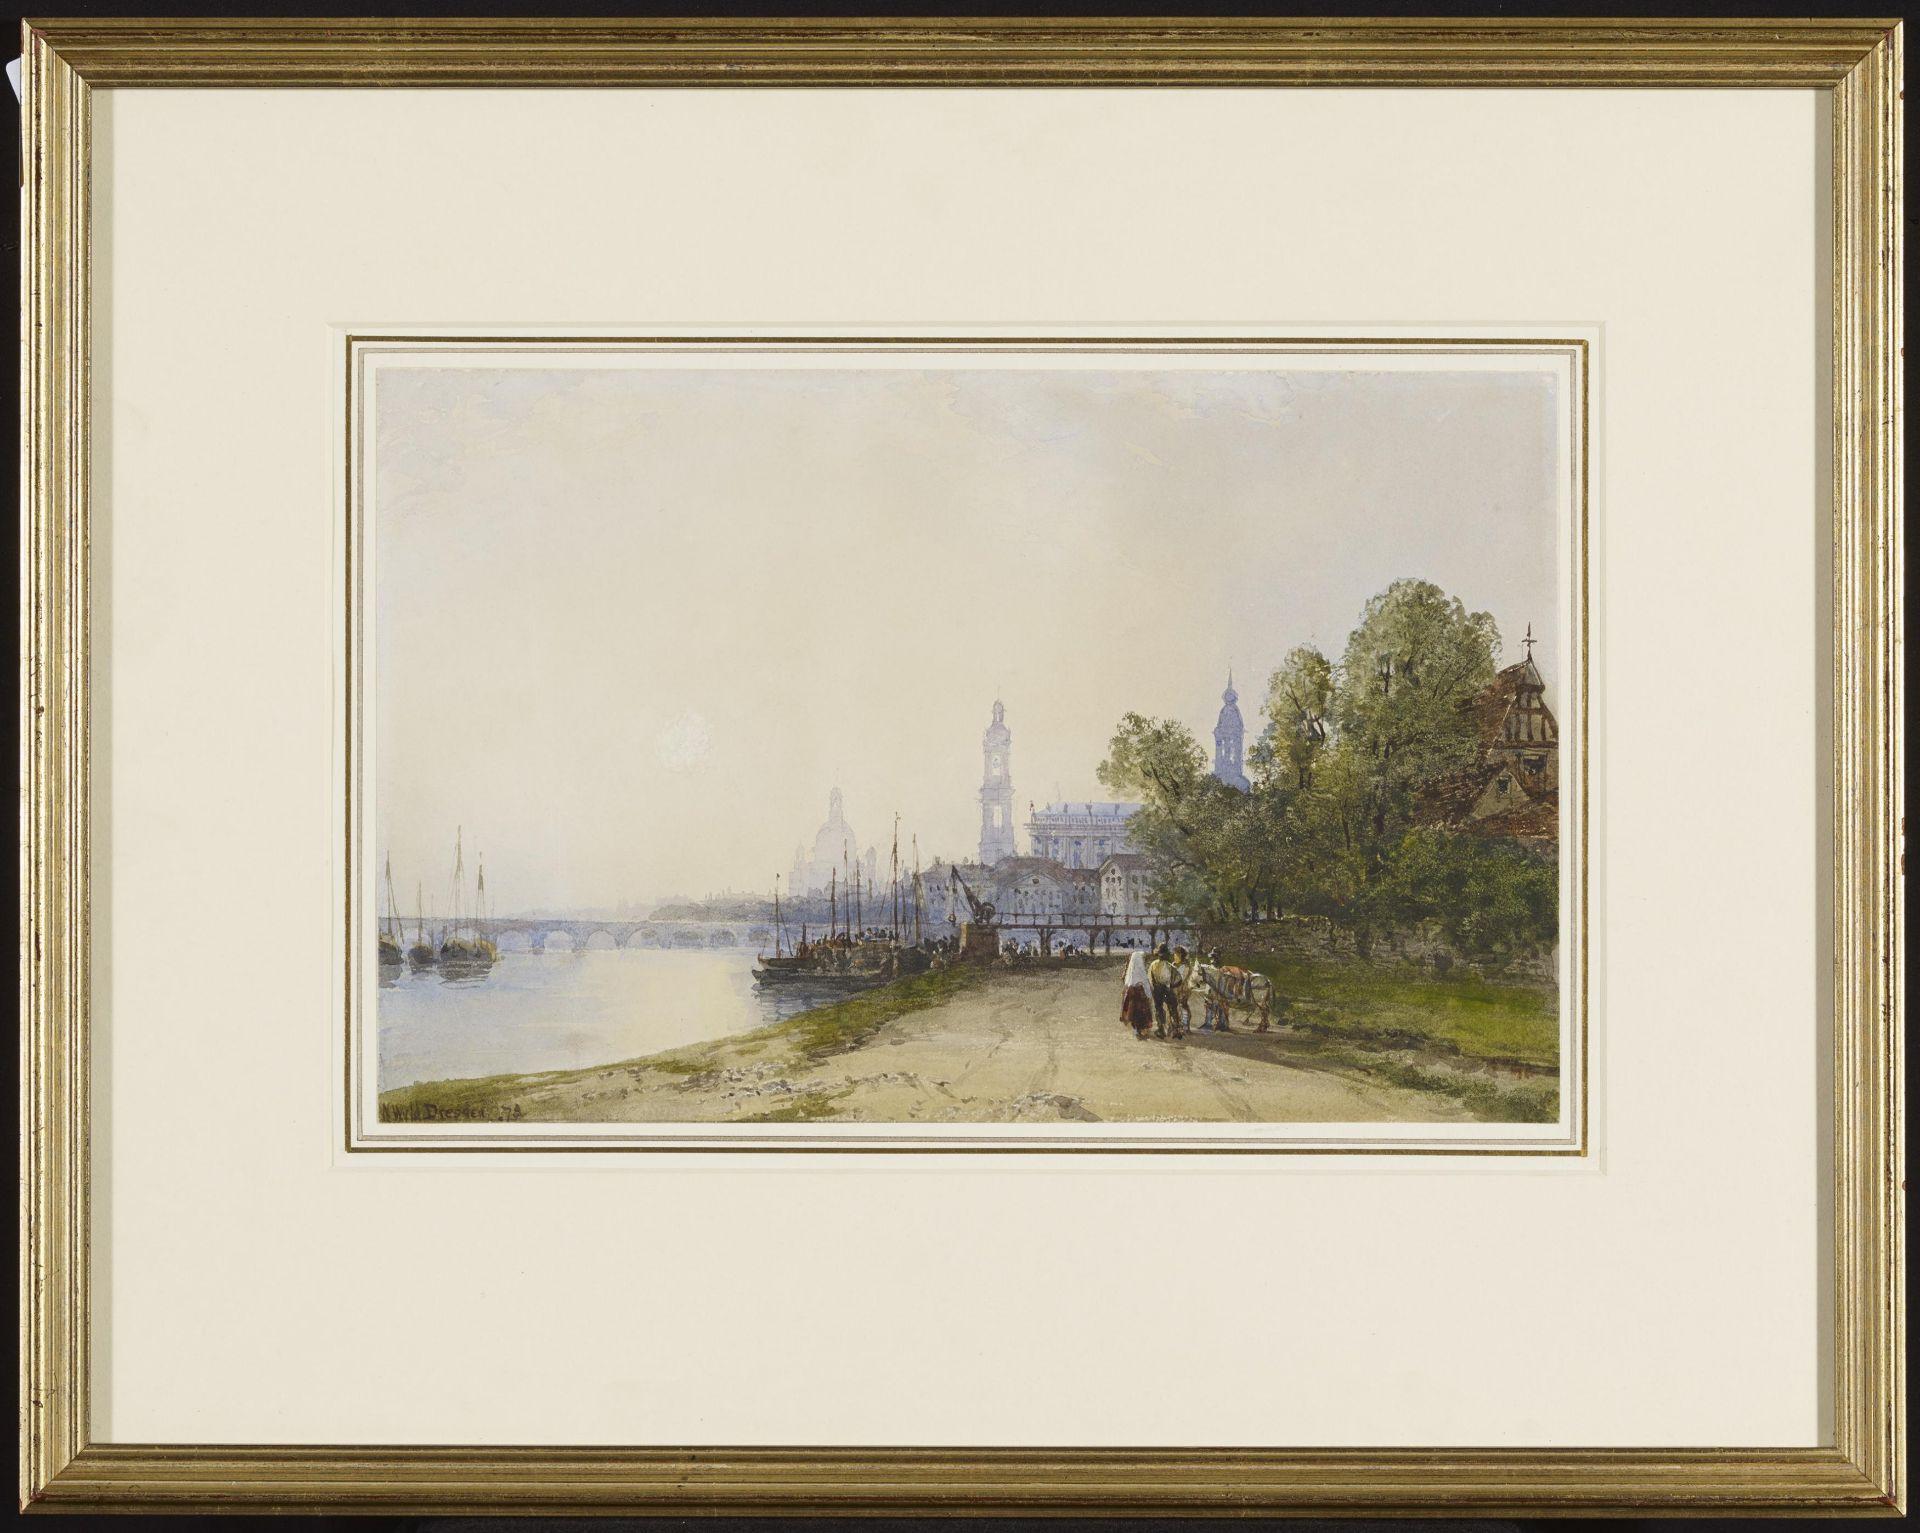 Wyld, William. 1806 London - 1889 Paris. Das Elbufer in Dresden mit Blick auf die Brühlschen - Bild 2 aus 4